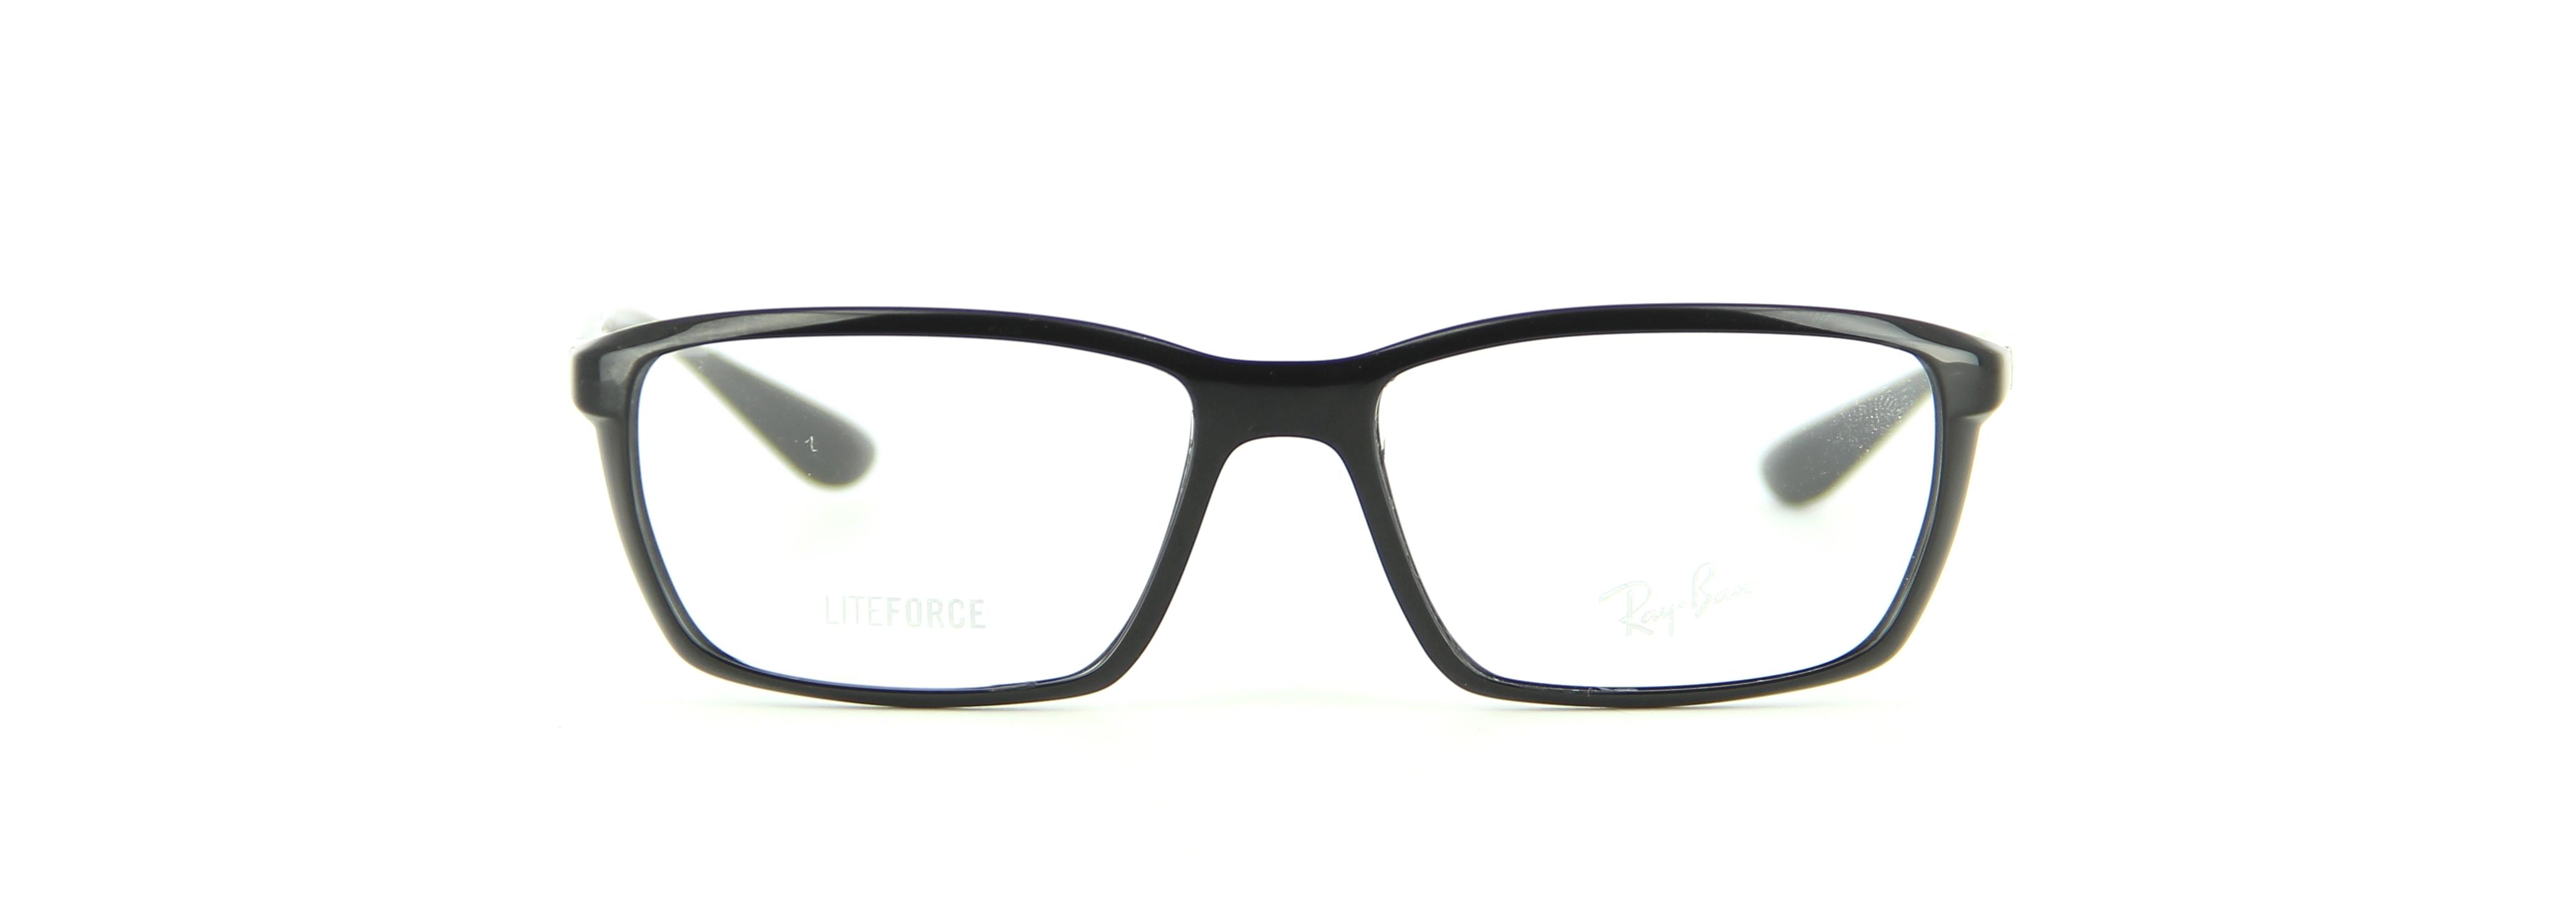 ca2f346386 Ray Ban Rx 5206 Eyeglasses Repair « Heritage Malta